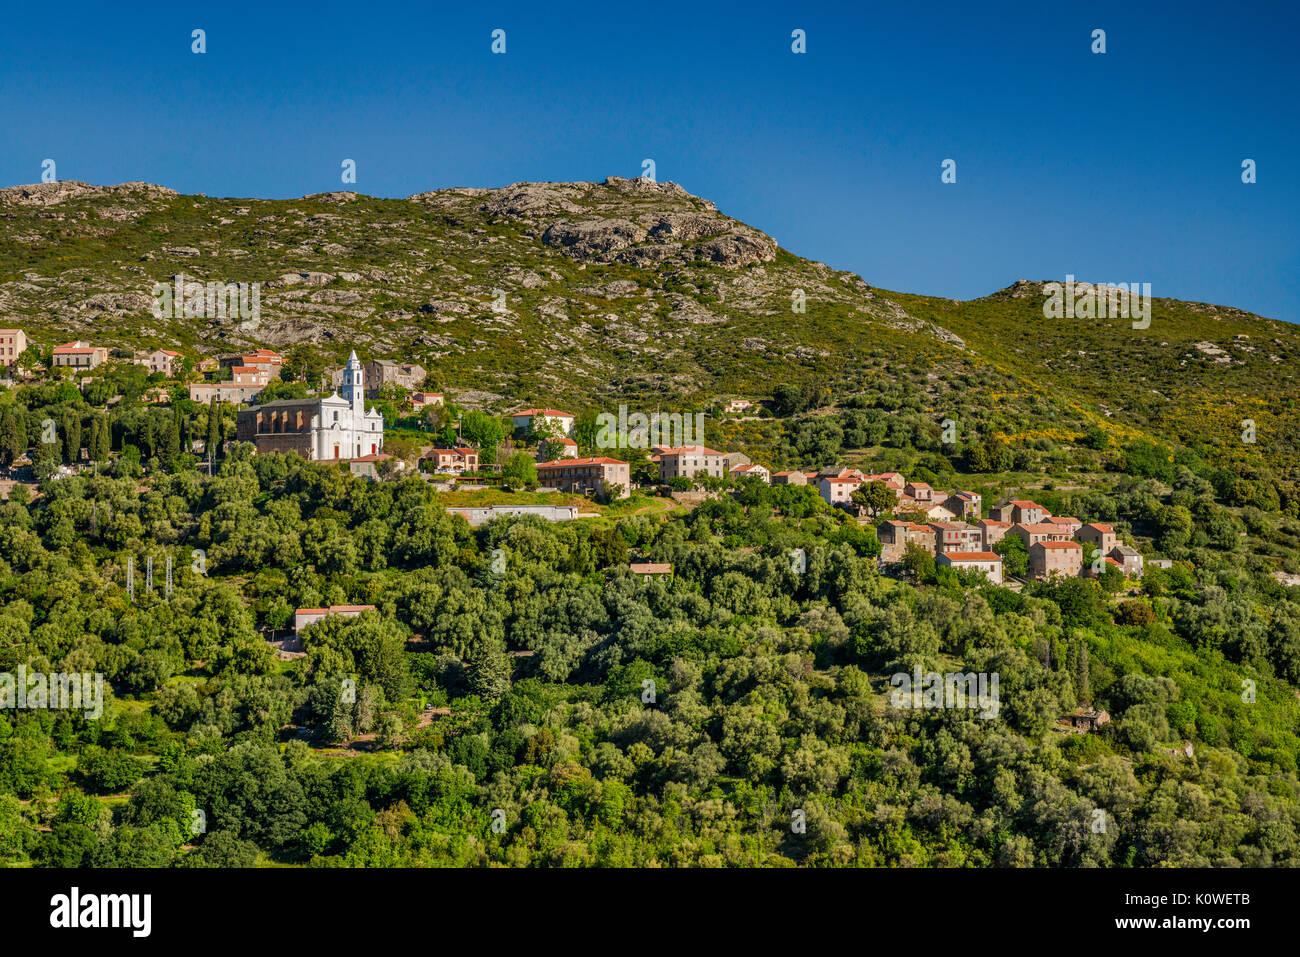 Città sulla collina di Santo-Pietro-di-tenda, il Nebbio regione, Haute-Corse reparto, Corsica, Francia Immagini Stock